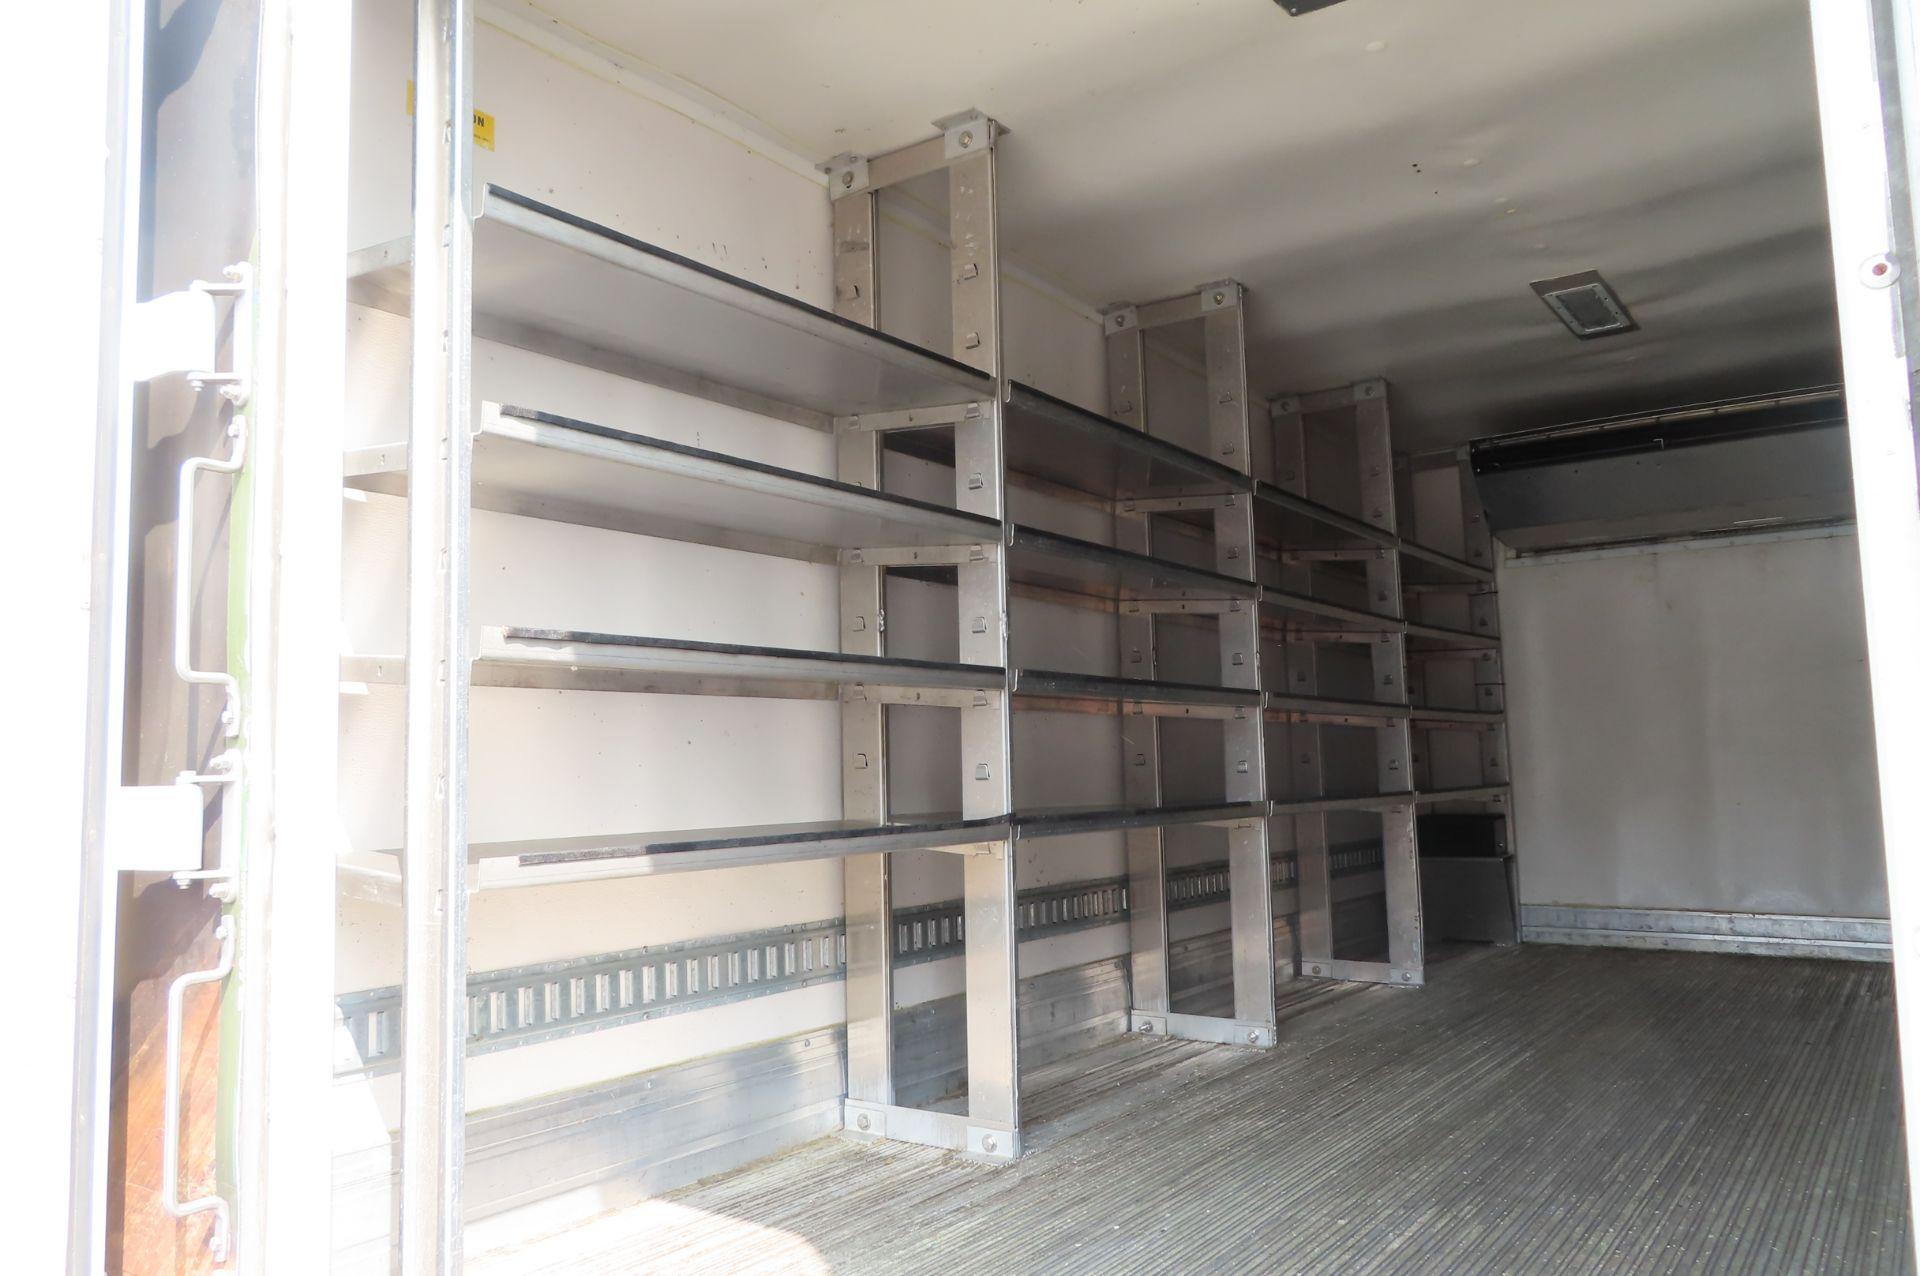 2012 Isuzu refrigerated truck - Image 7 of 10